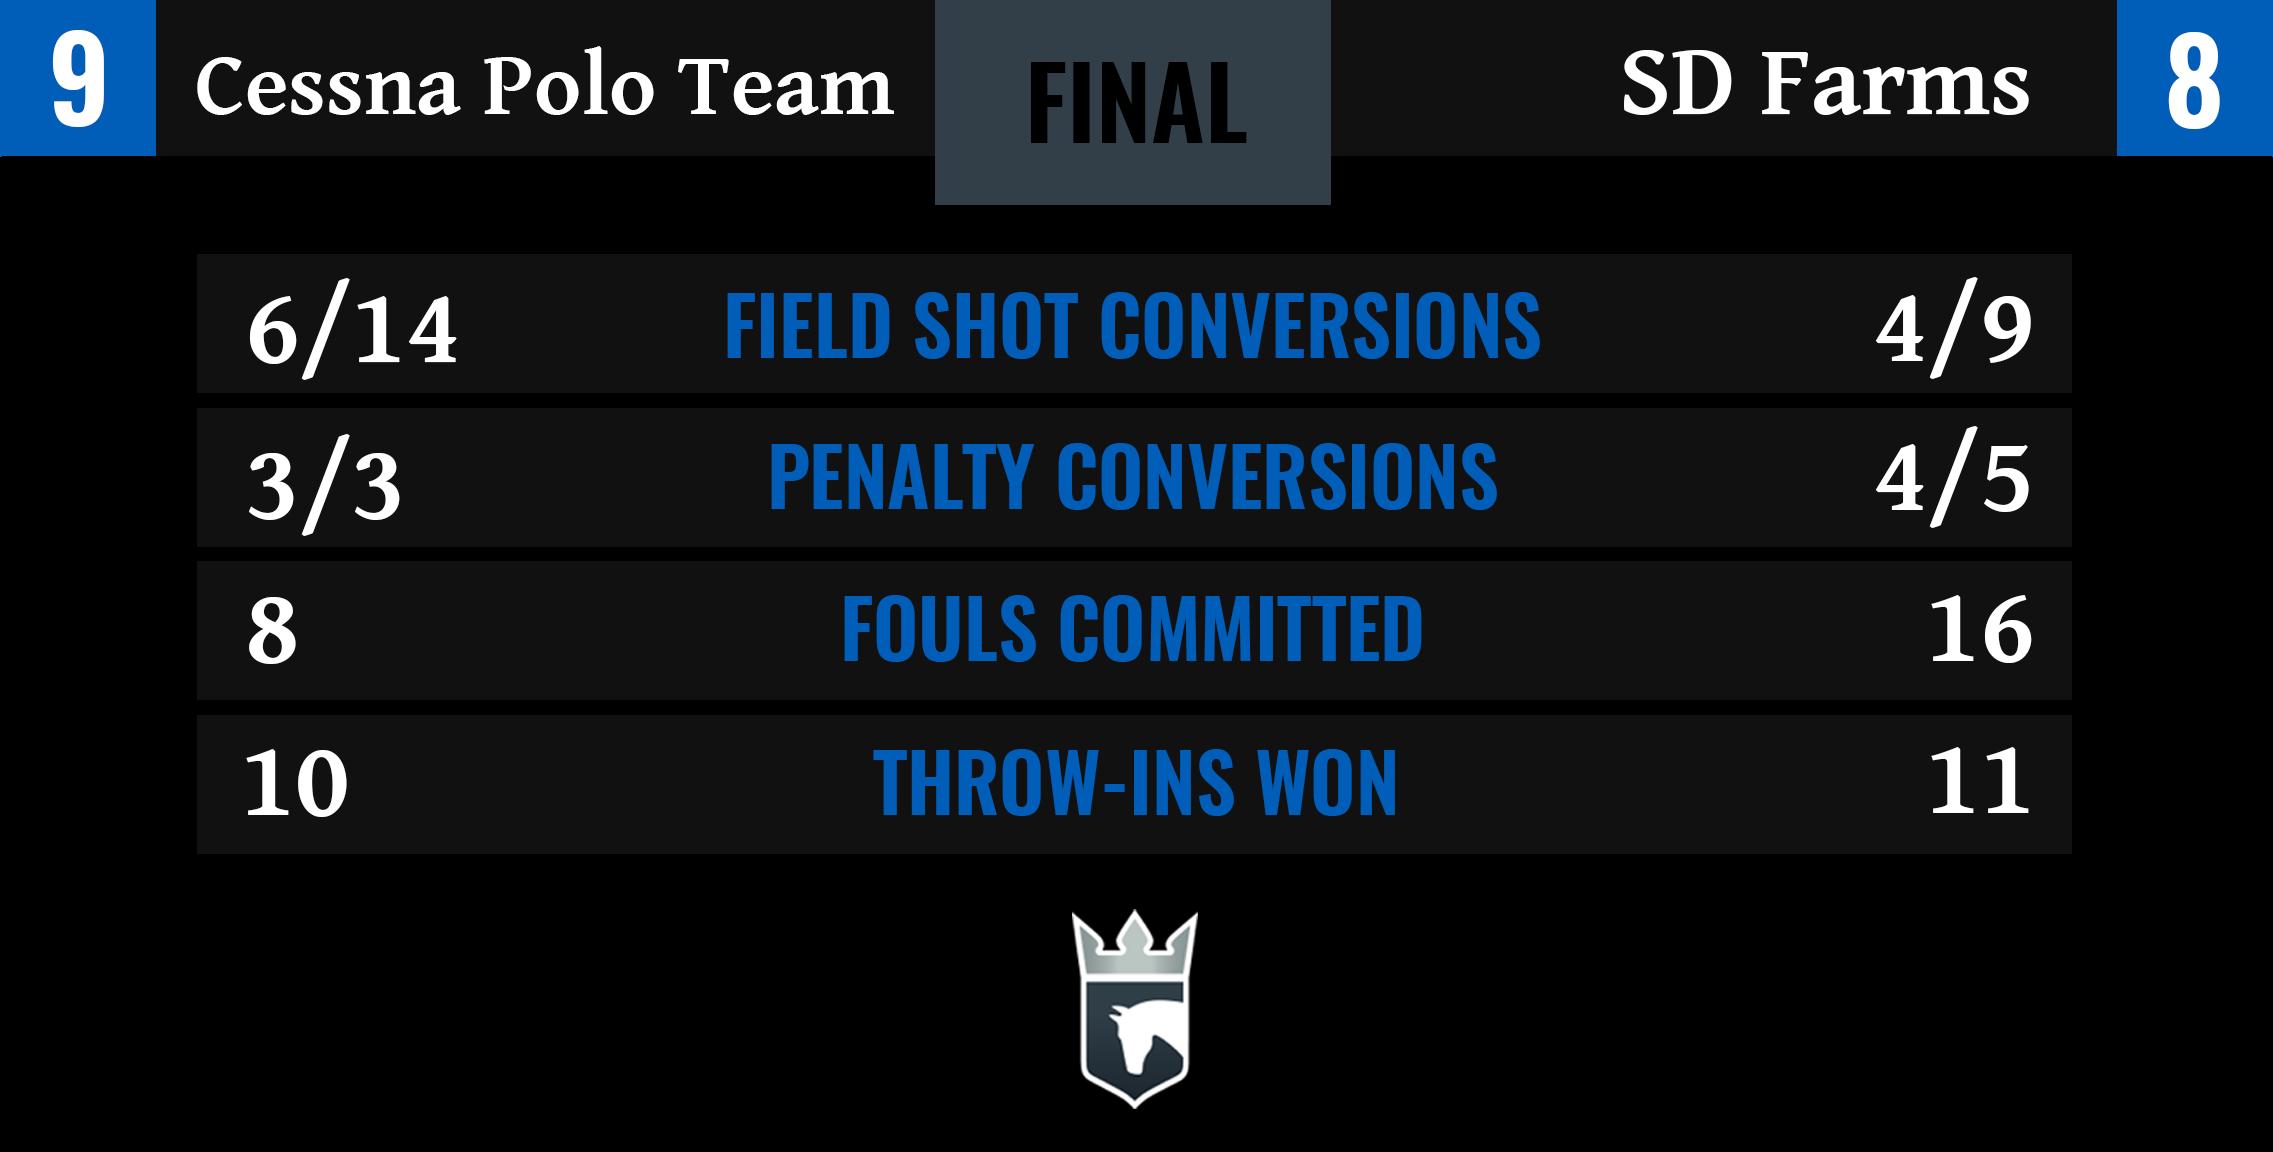 Cessna Polo Team vs SD Farms Final Stats-1